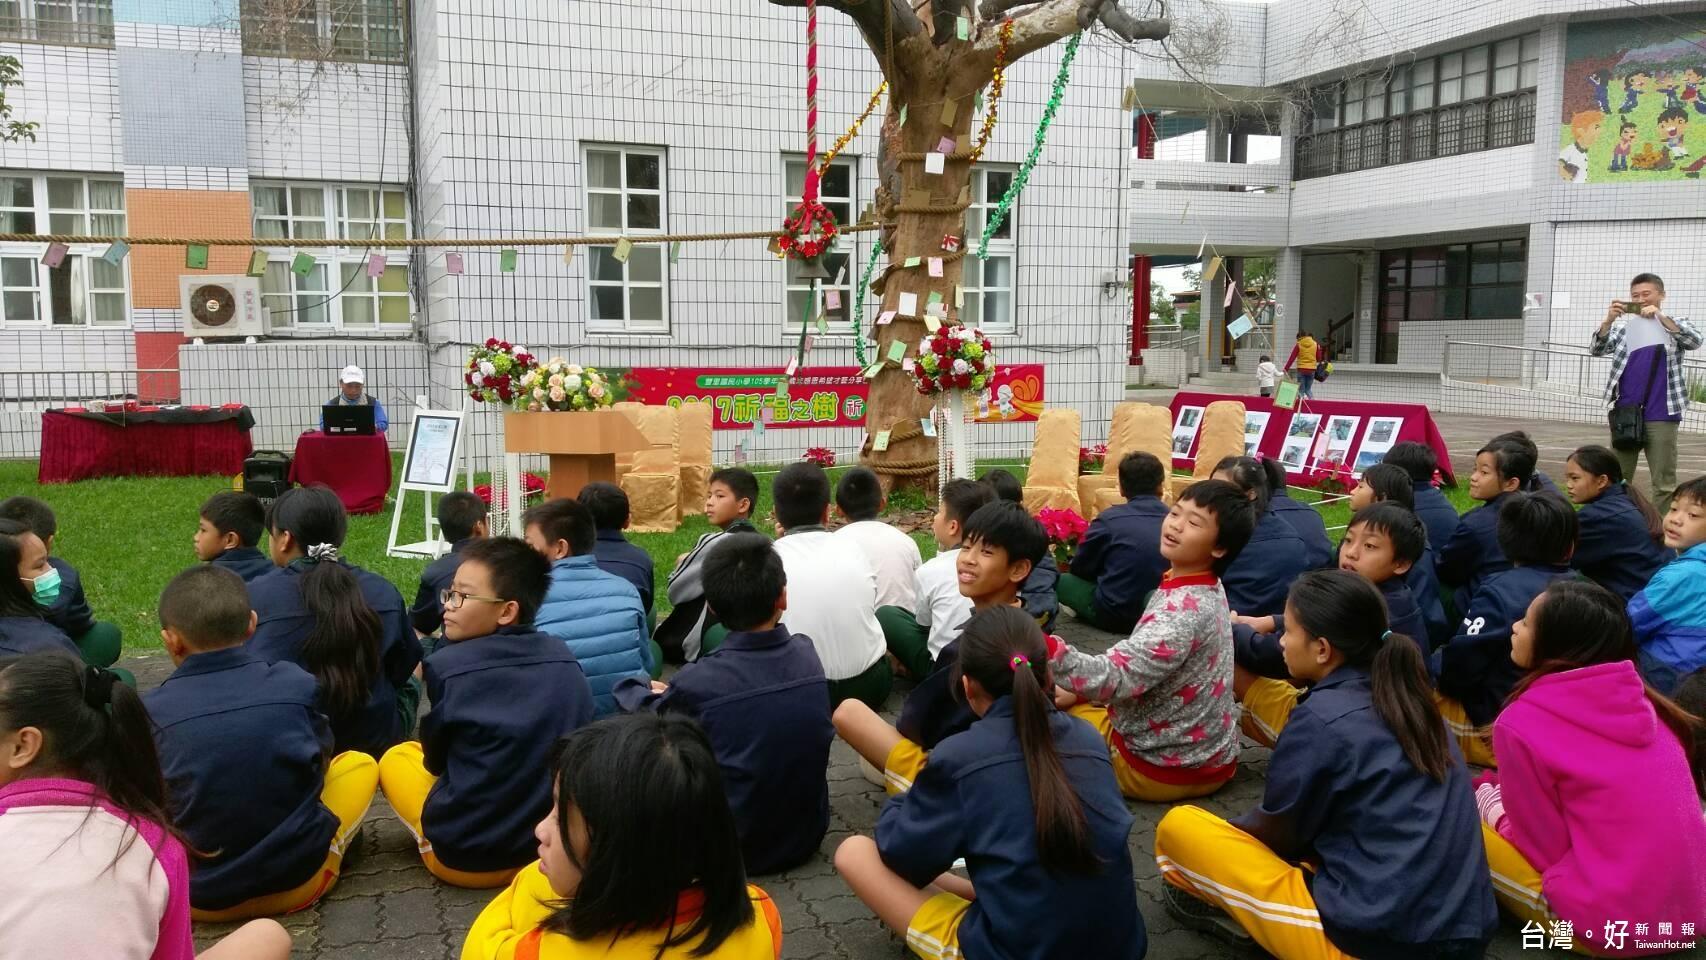 豐里國小耶誕活動 肉桂樹繫祈福卡滿載溫馨